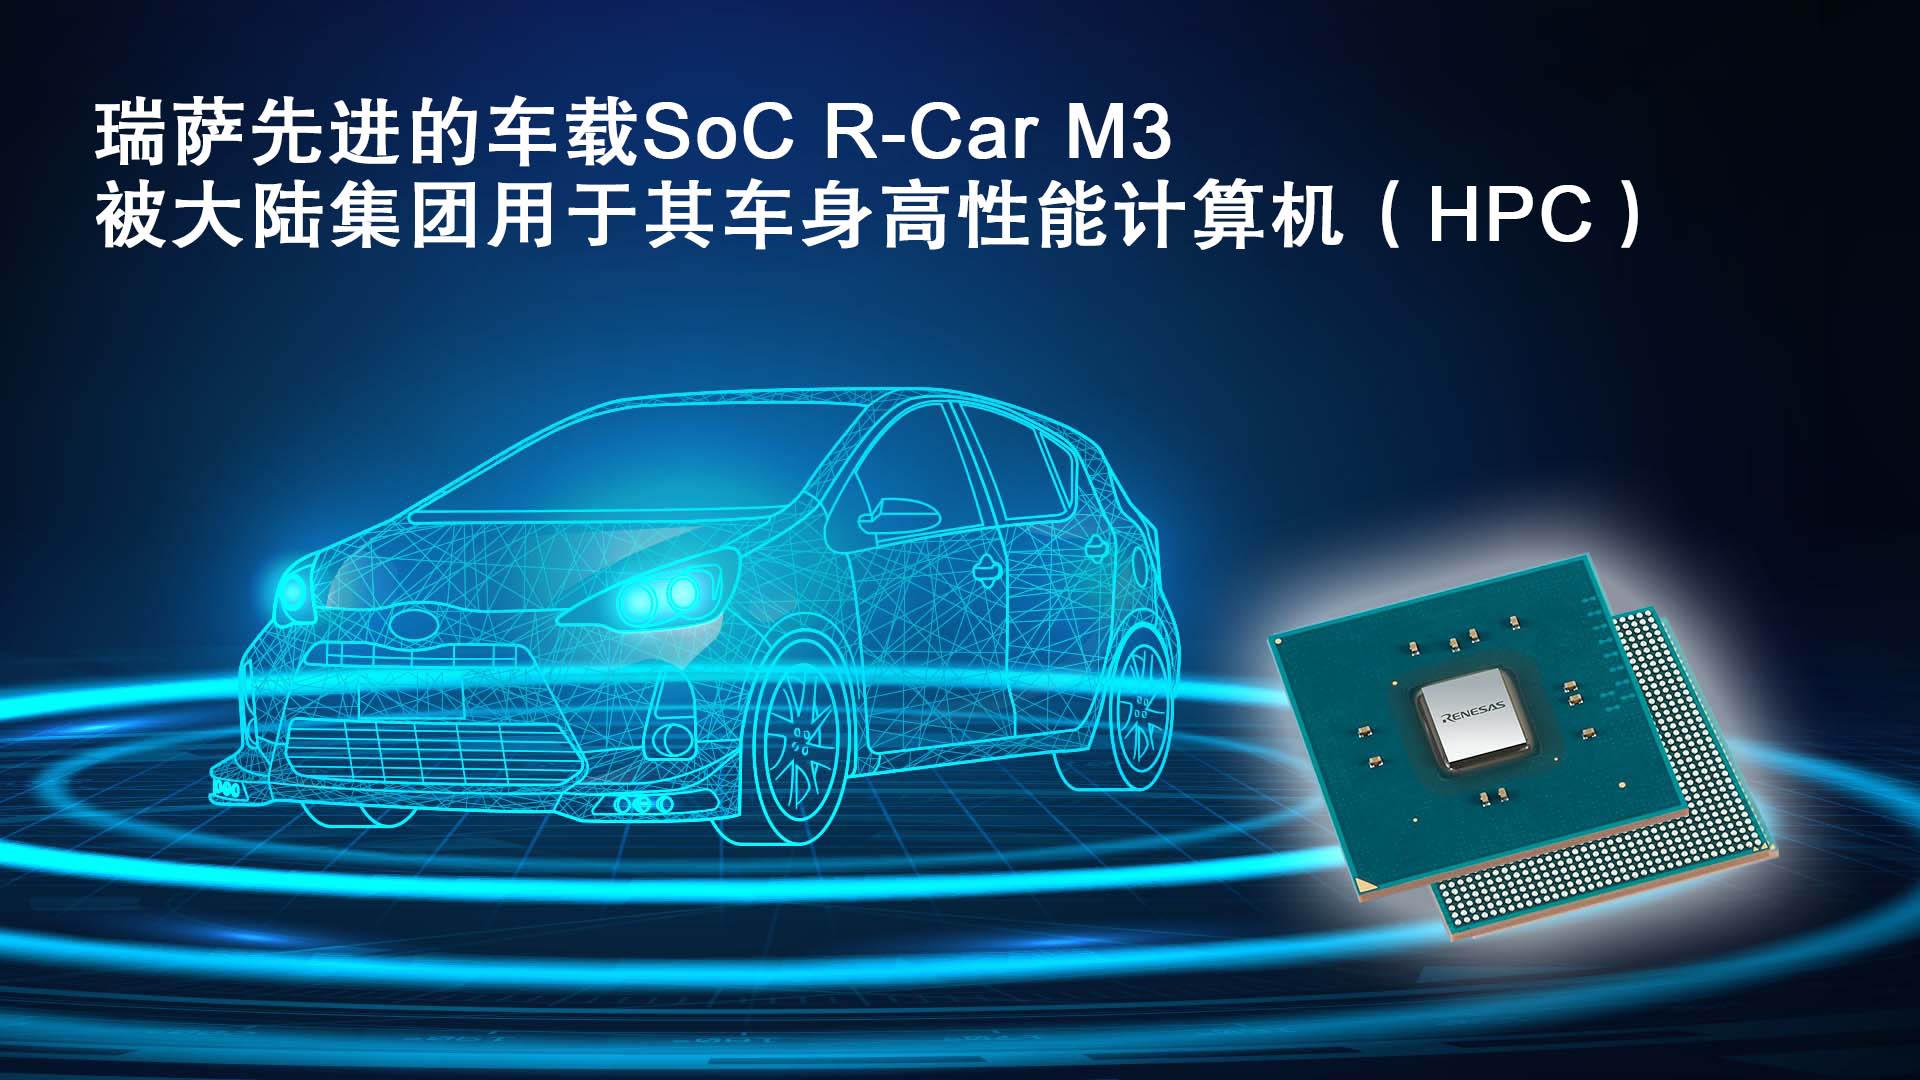 瑞薩電子領先的車載SoC被大陸集團(Continental) 用于其車身高性能計算機